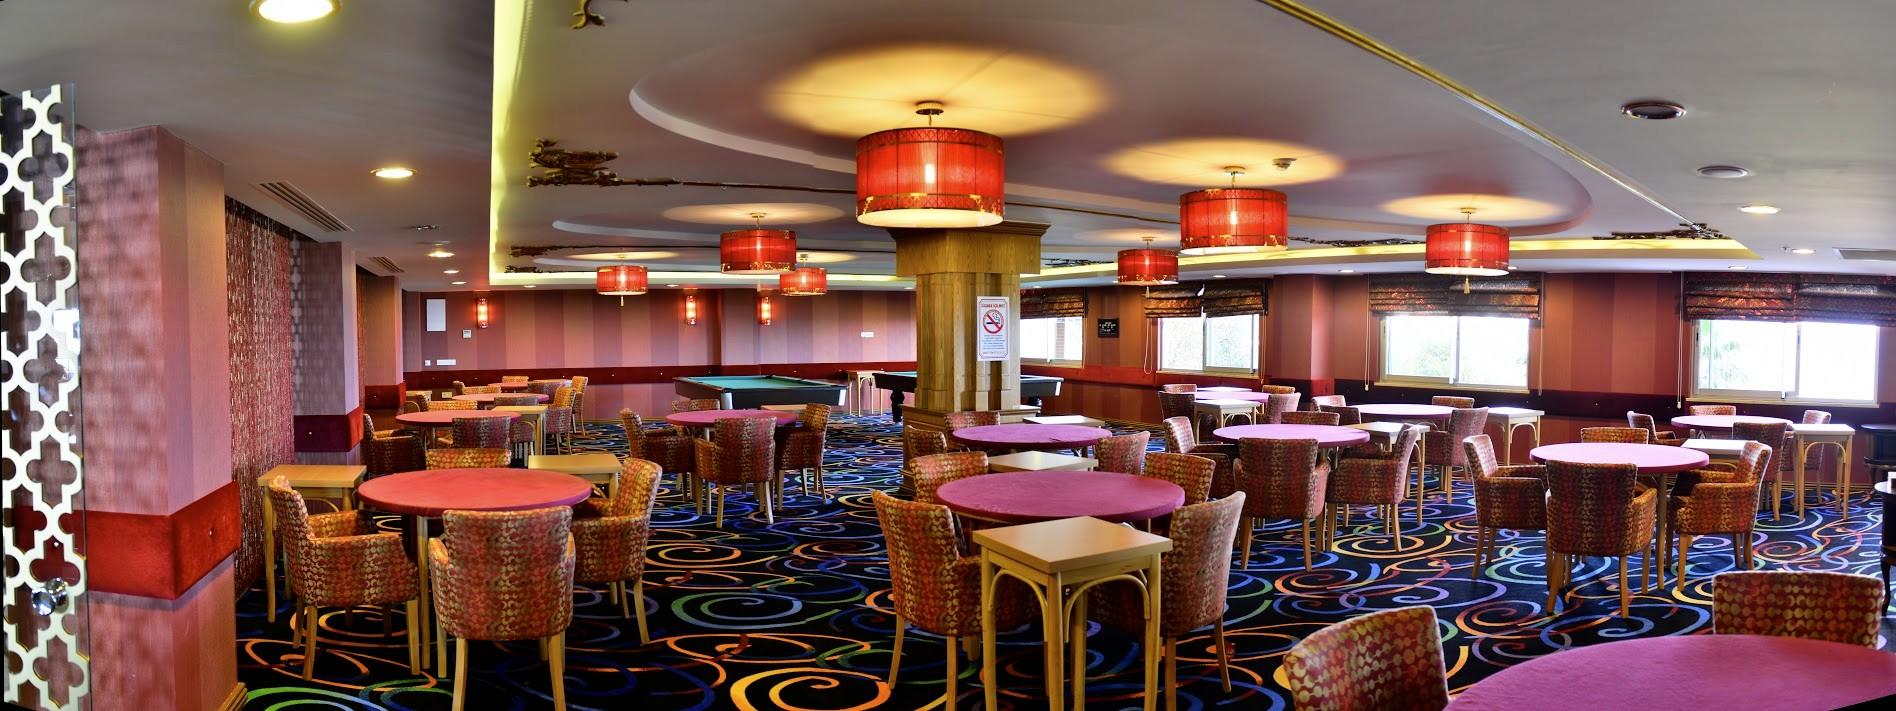 Adenya Hotels & Resorts197078